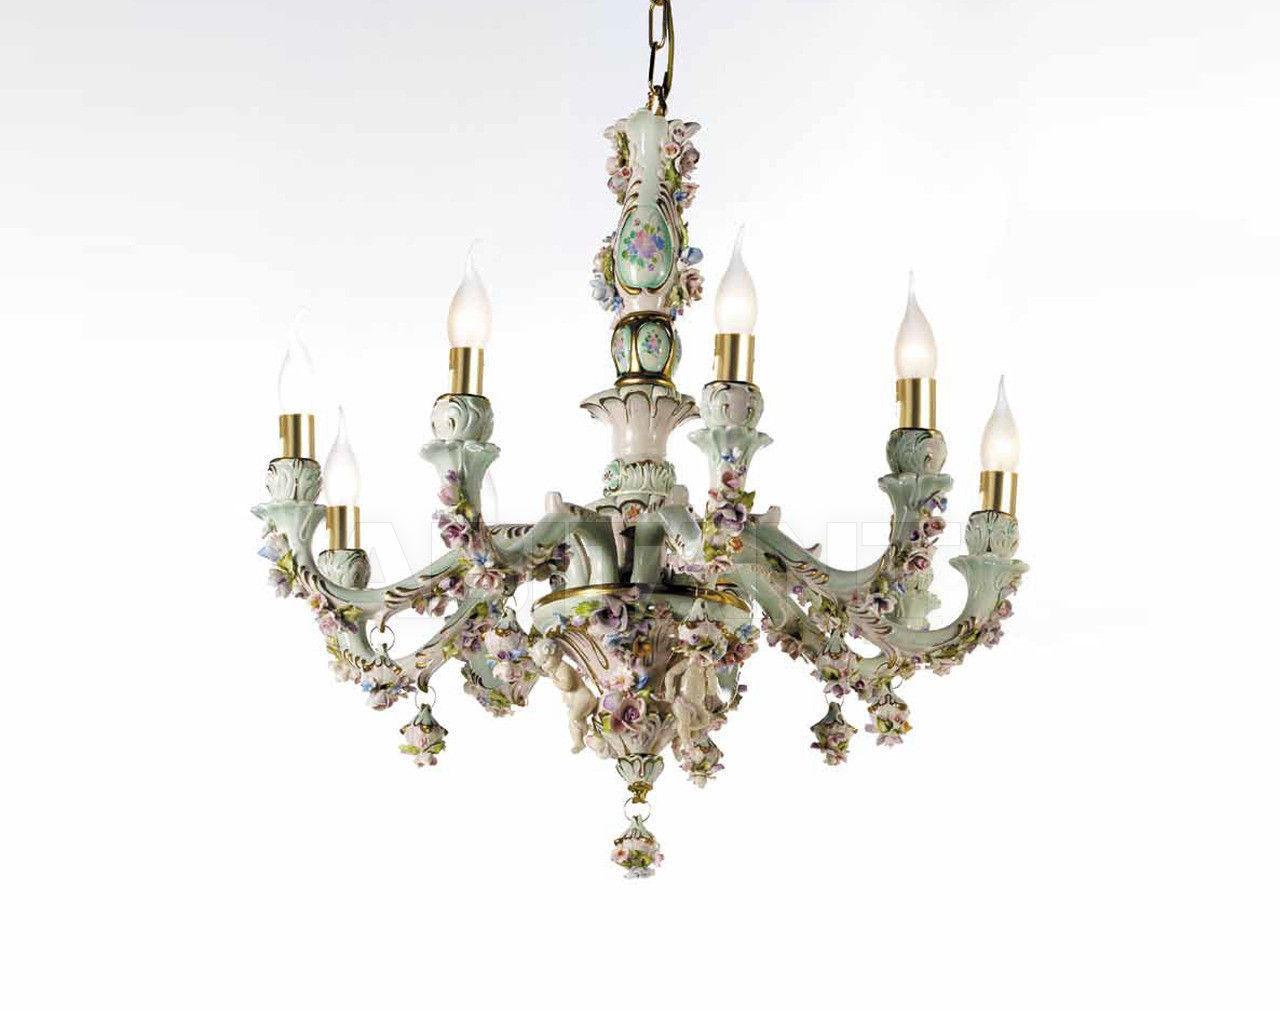 Купить Люстра Villari Home And Lights 0002975-102